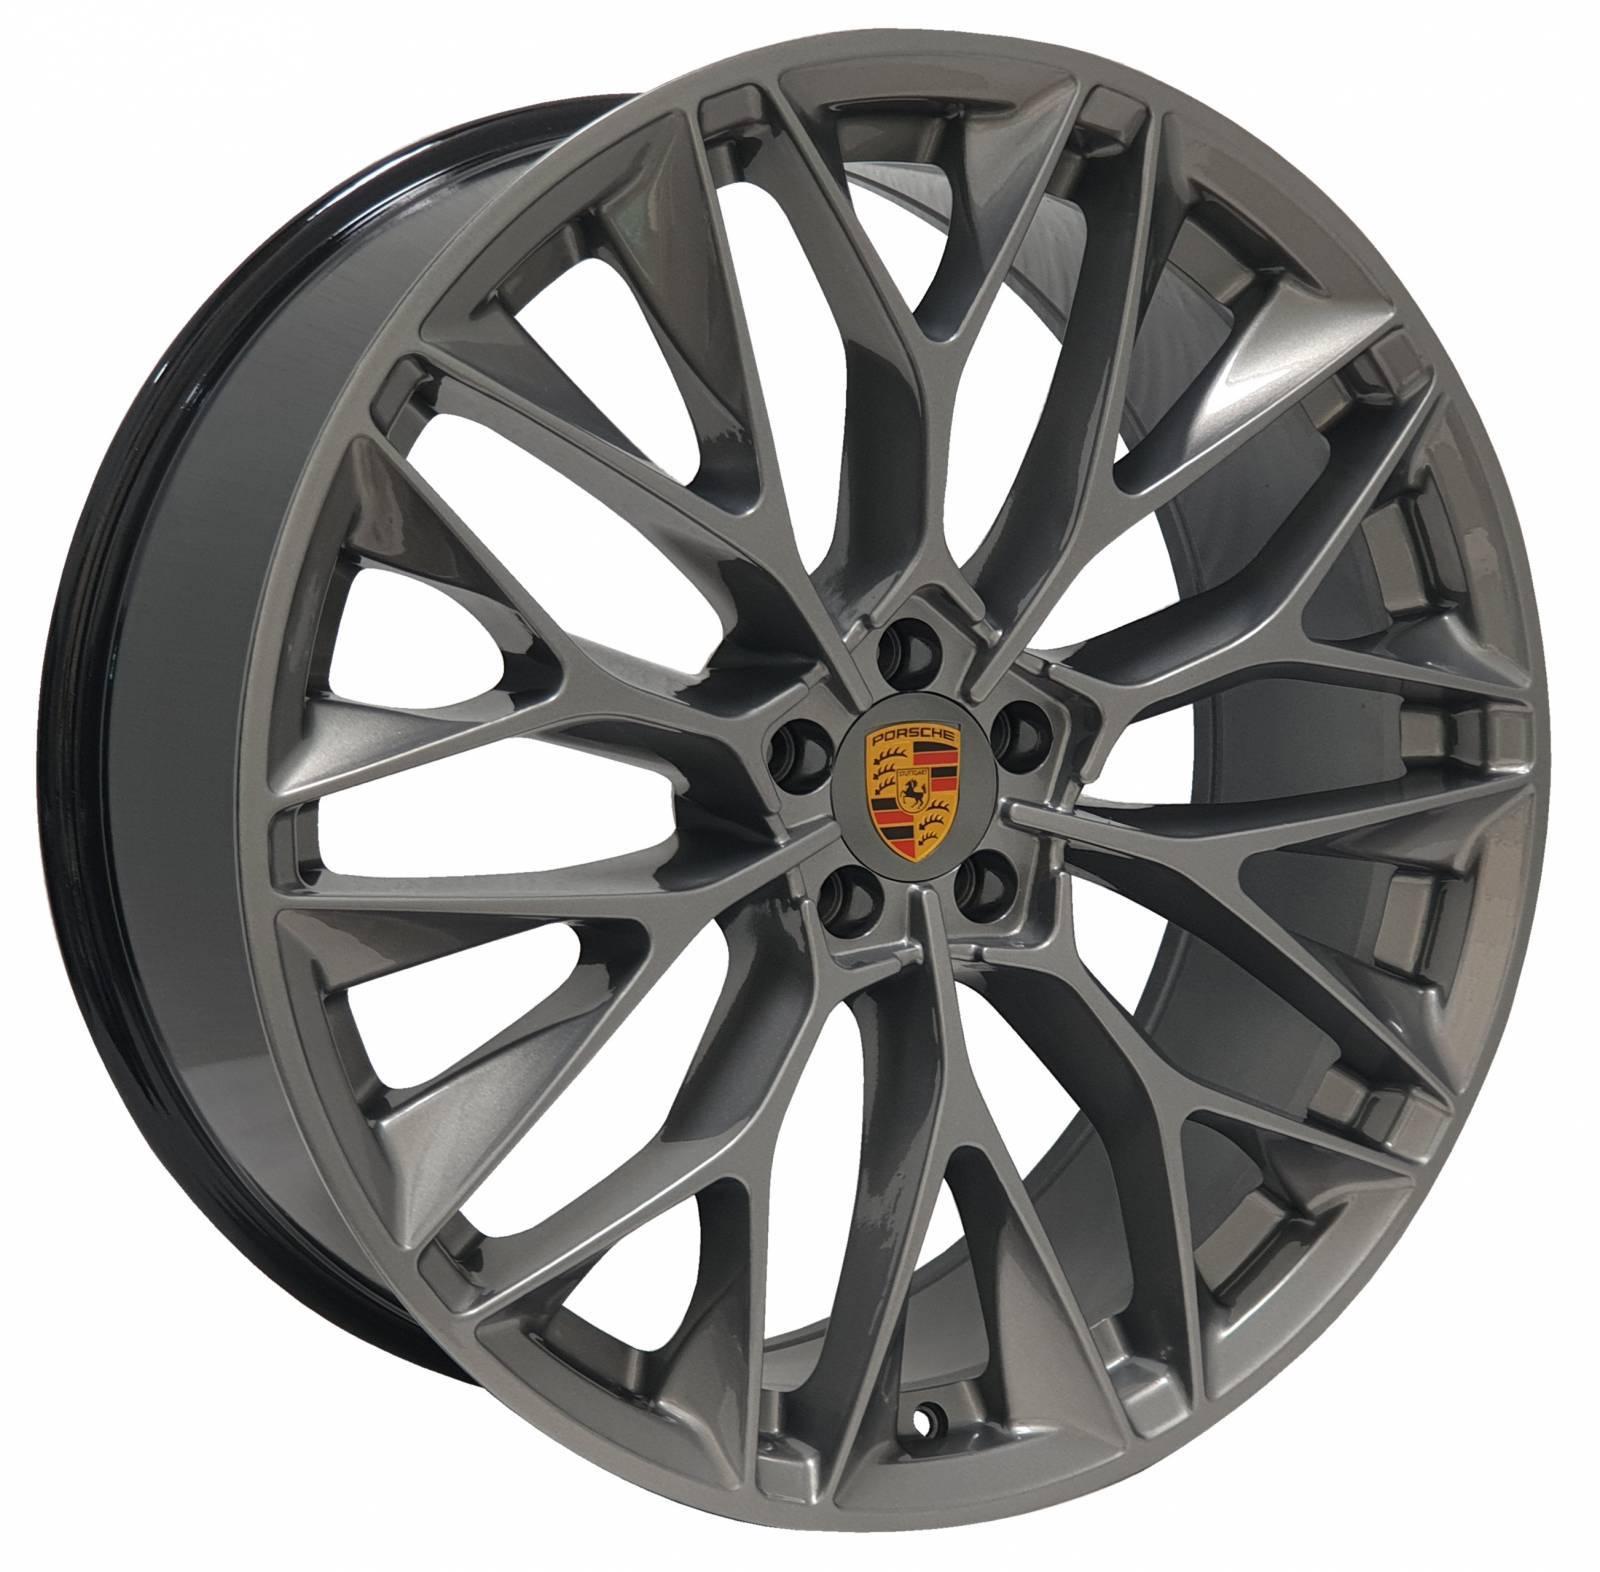 Jogo Rodas Porsche P-200 ZWPC1 22X90 5X108 ET:45 CB:63,4 Grafite Brilhante